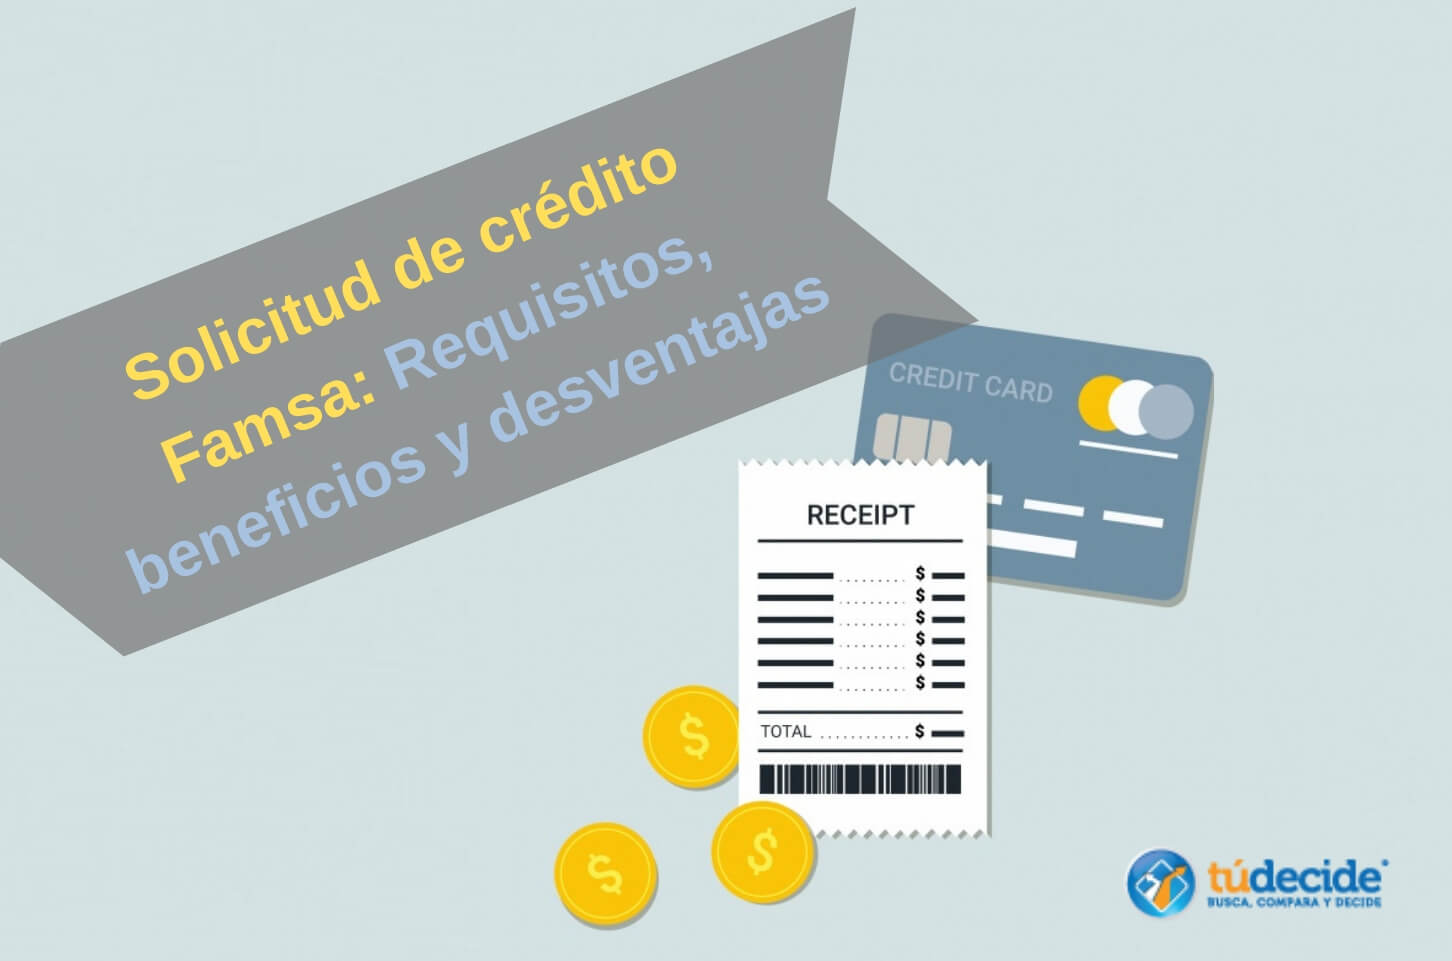 Solicitud de crédito Famsa